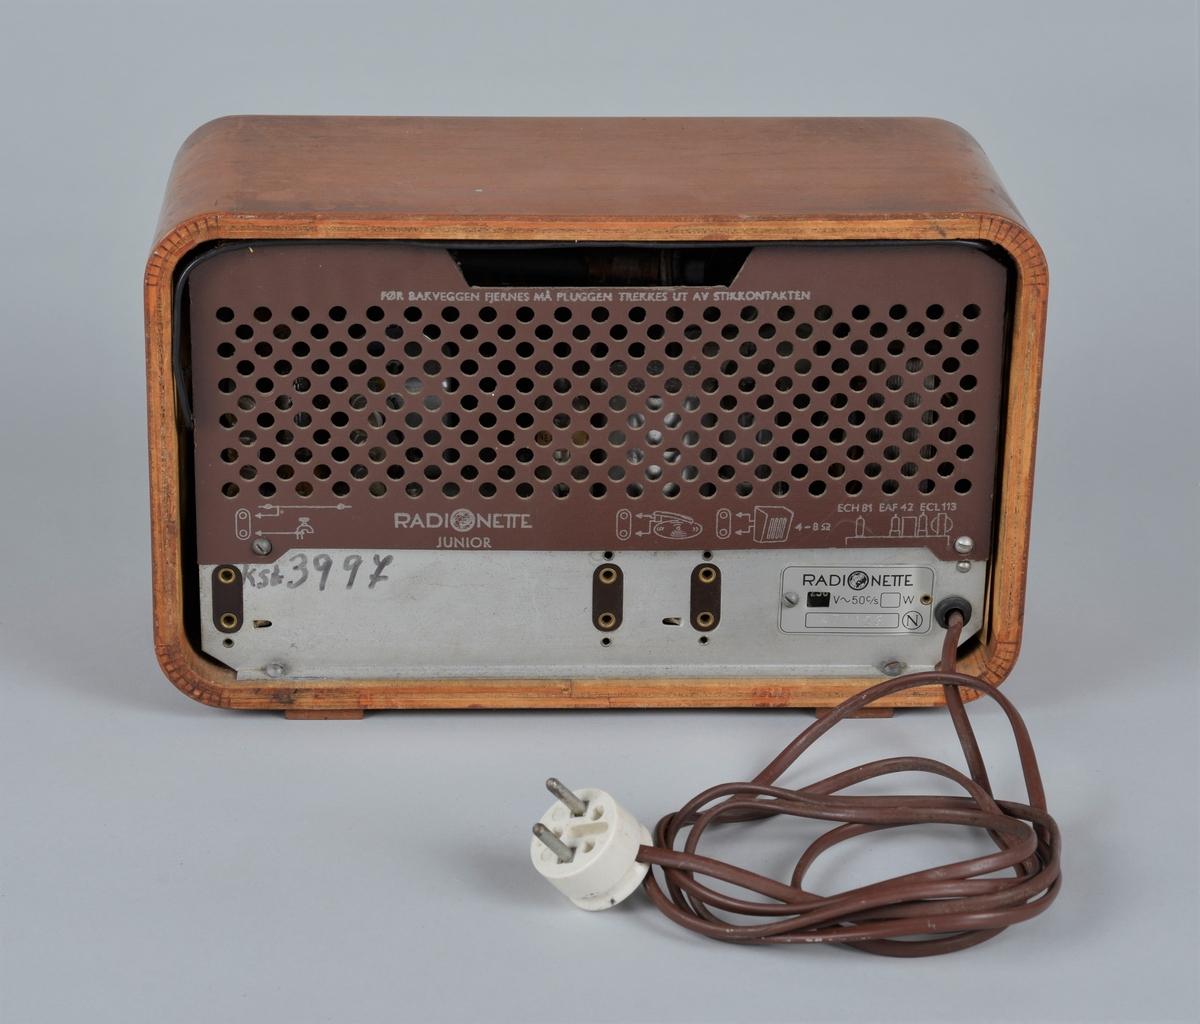 Radiomottaker for kort-/mellom- og langbølgemottak.  På bølgebryteren til høyre er det 4 bokstaver- L M F K - som står for langbølge, mellombølge, fiskeribølge og kortbølge.   Fiskeribølgen ble nedlagt da VHF kom.  Det kan nevnes at fiskeribølgen stort sett ble brukt av fiskeflåten seg i mellom, og også til formidling av samtaler via kystradiostasjonen til fastnettet.  Består av rektangulær kasse med åpning for høyttaler dekket av tekstil på fremsiden, venstre side. På høyre side panel med oversikt over kanalvalg og tre knapper for regulering av lydstyrke, lysstyrke, søk og valg av frekvensbånd/grammofon.  På baksiden kontakt for antenne, jord og grammofon. Skilt hvor strømstyrke (230V) er angitt, sammen med produksjonsnummer (471123)  Undersiden, delvis avrevet kontroll-lapp fra produsenten og betalt stempelavgift.